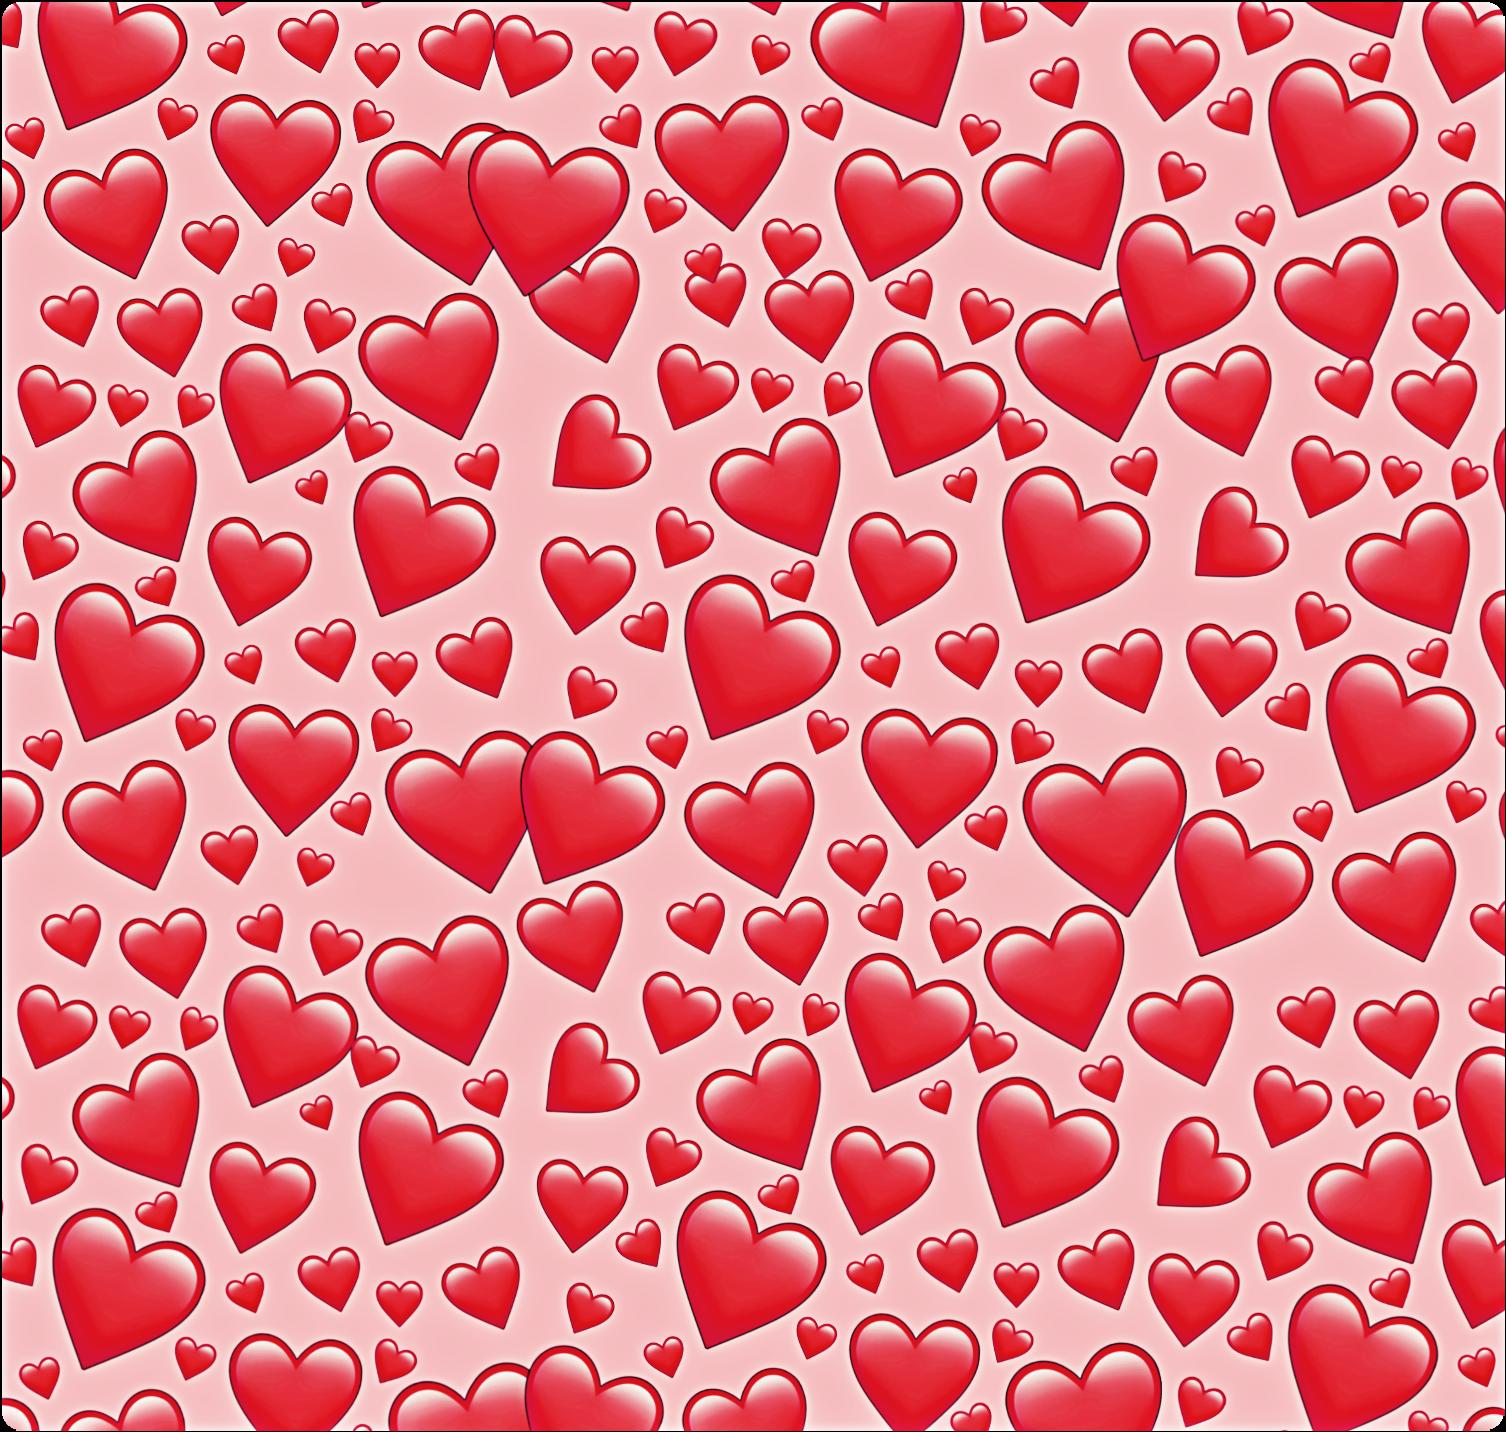 пройти картинки где много сердечек бокс